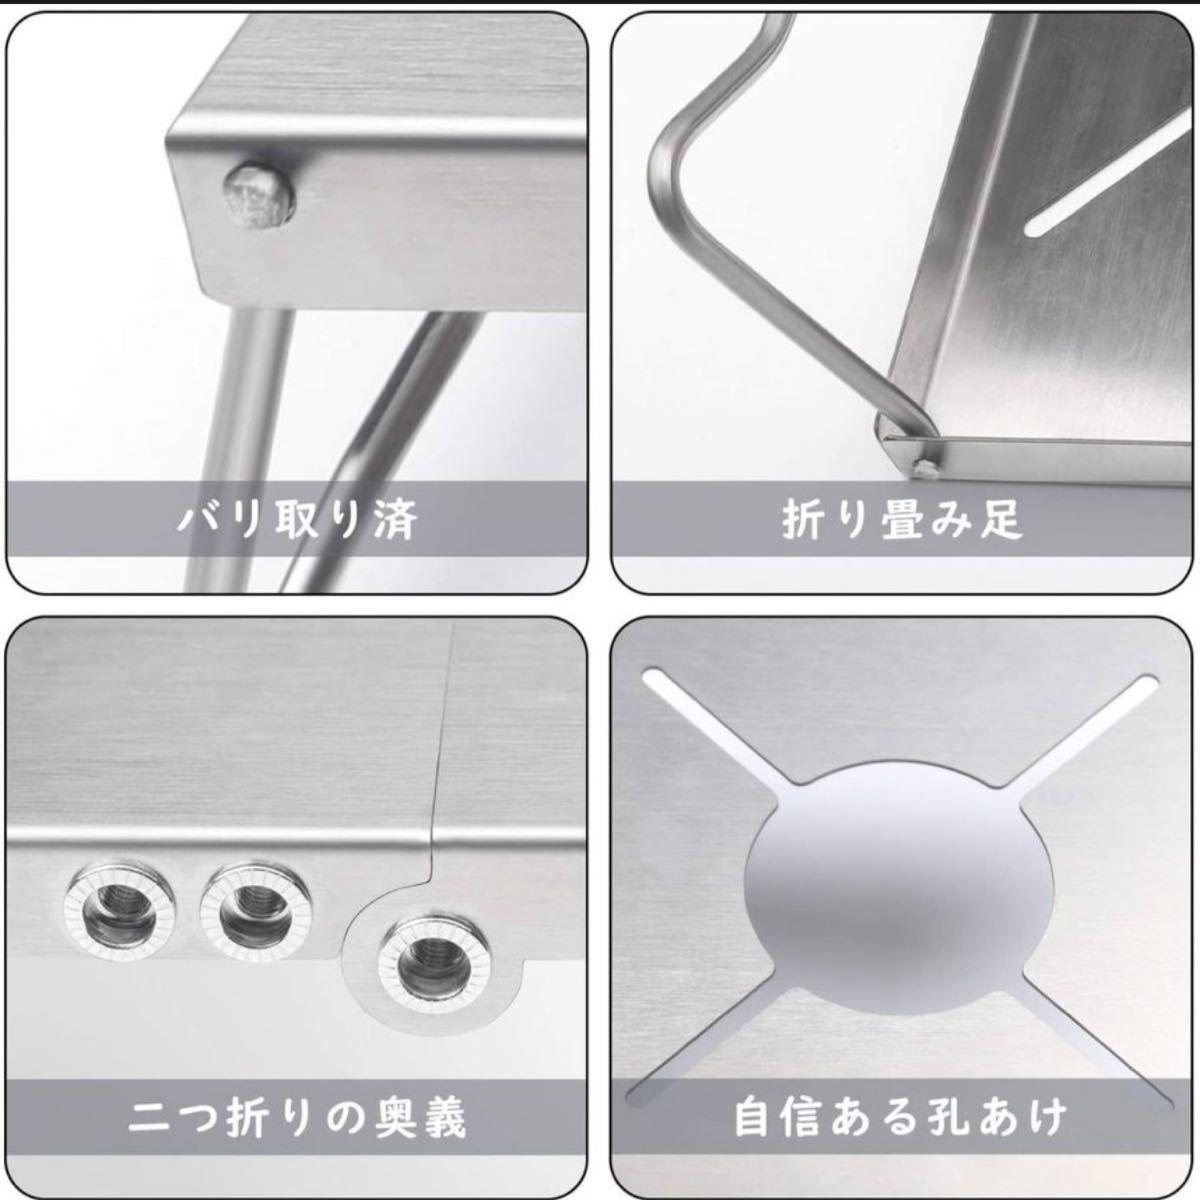 遮熱テーブル シングルバーナー用3種類バーナー対応 遮熱板 一台多役